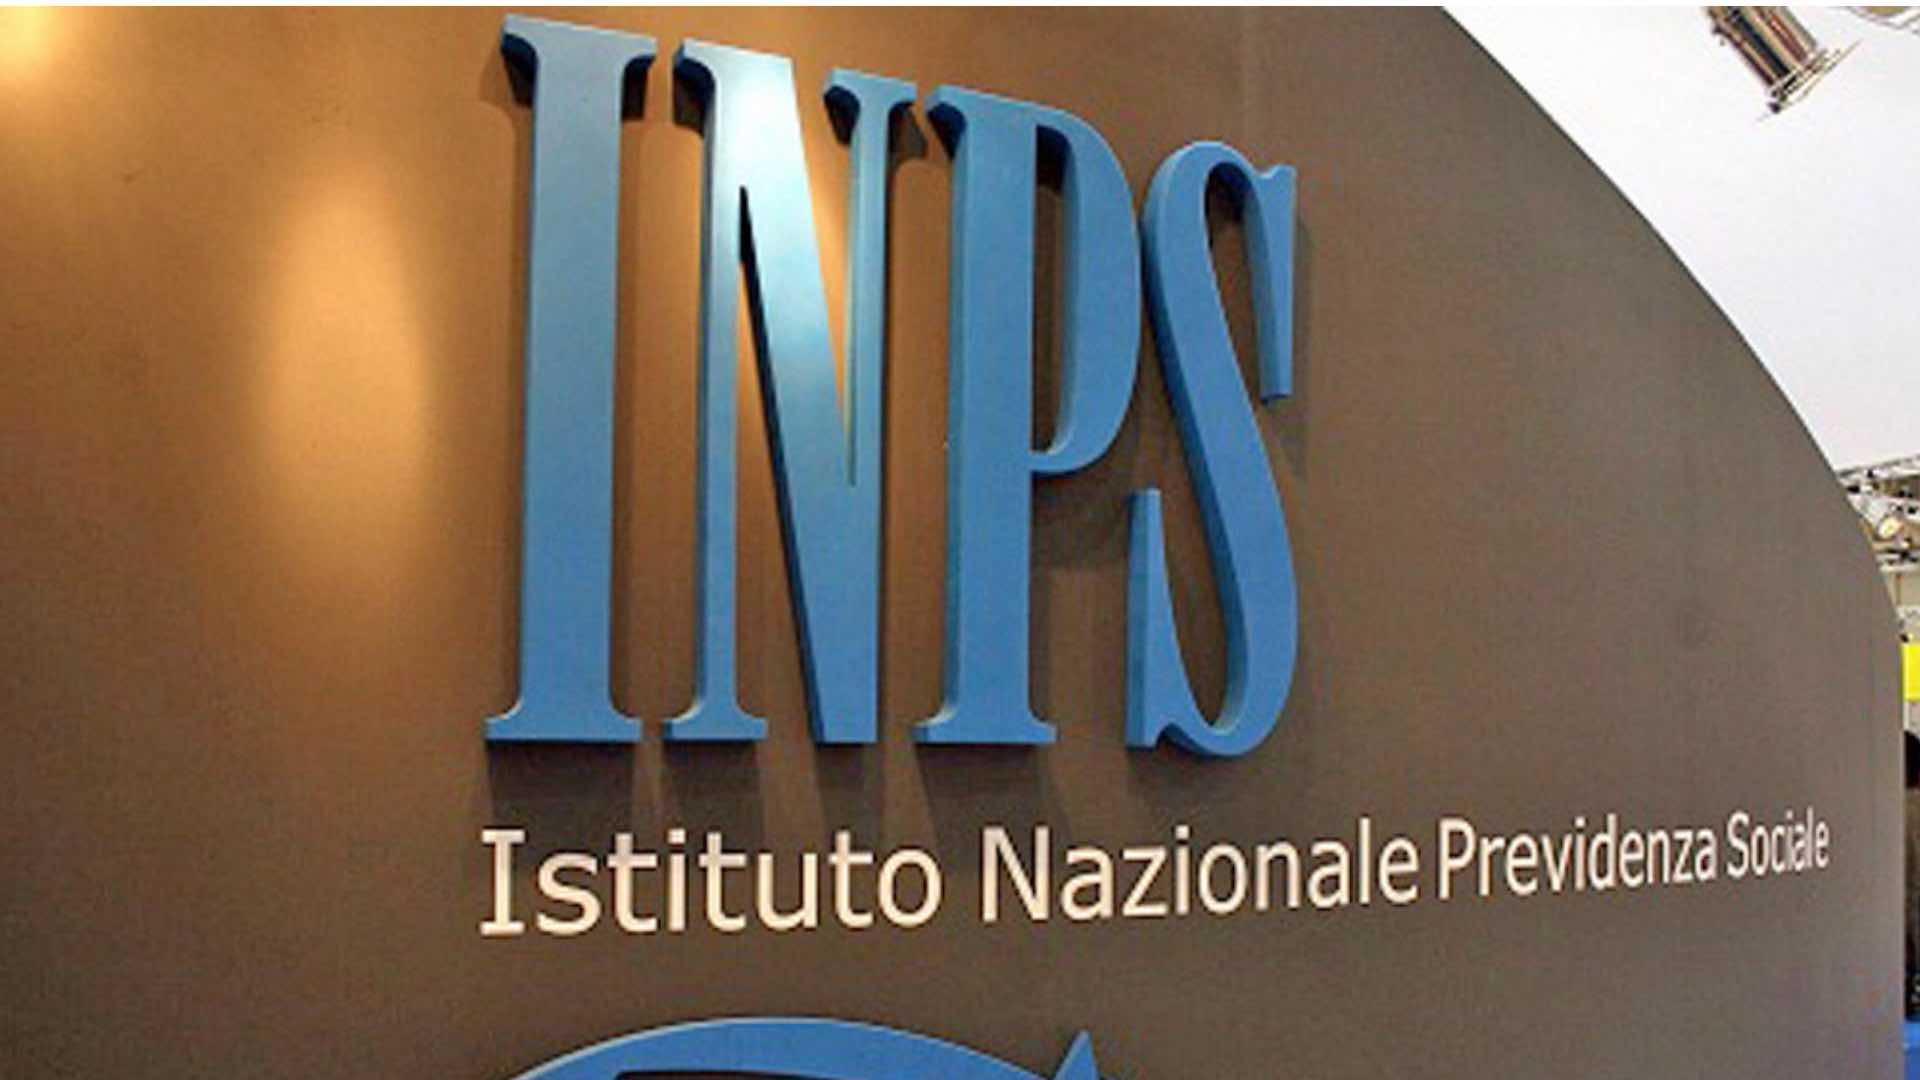 Inps v5